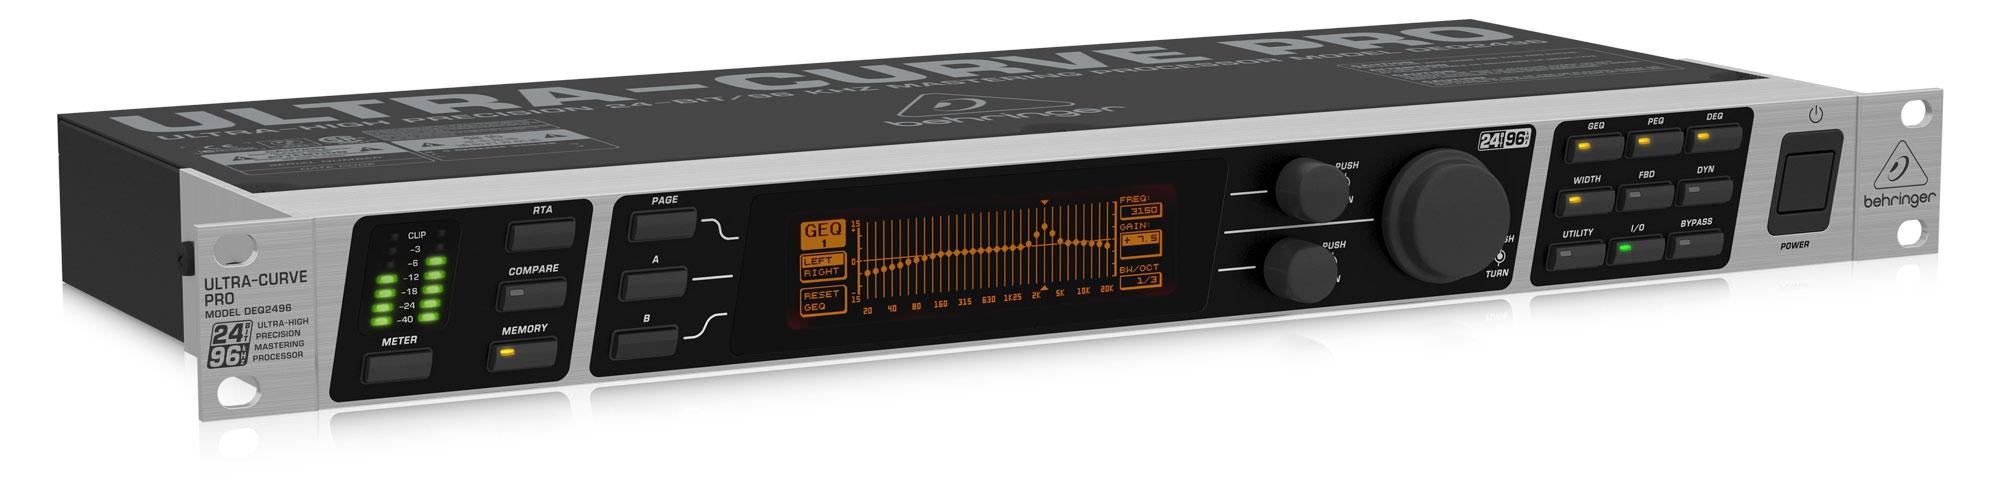 Studioeffekte - Behringer Ultracurve Pro DEQ2496 - Onlineshop Musikhaus Kirstein